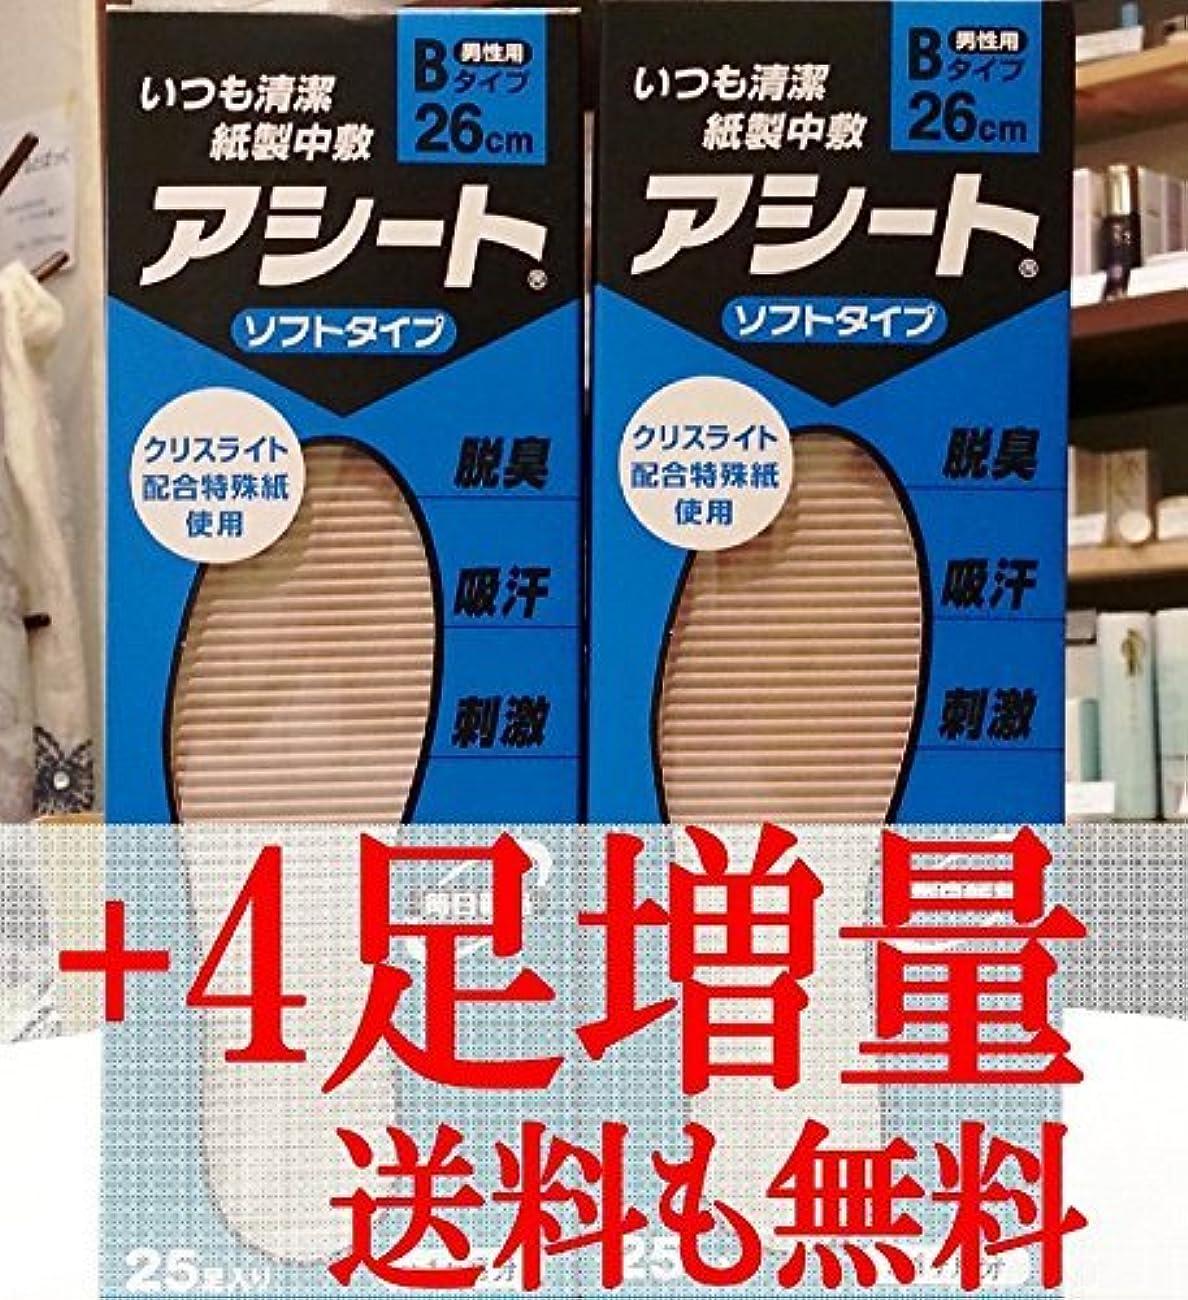 ペンフレンド犬ウルルアシートB 25足入2箱セット+4足増量中(25cm)